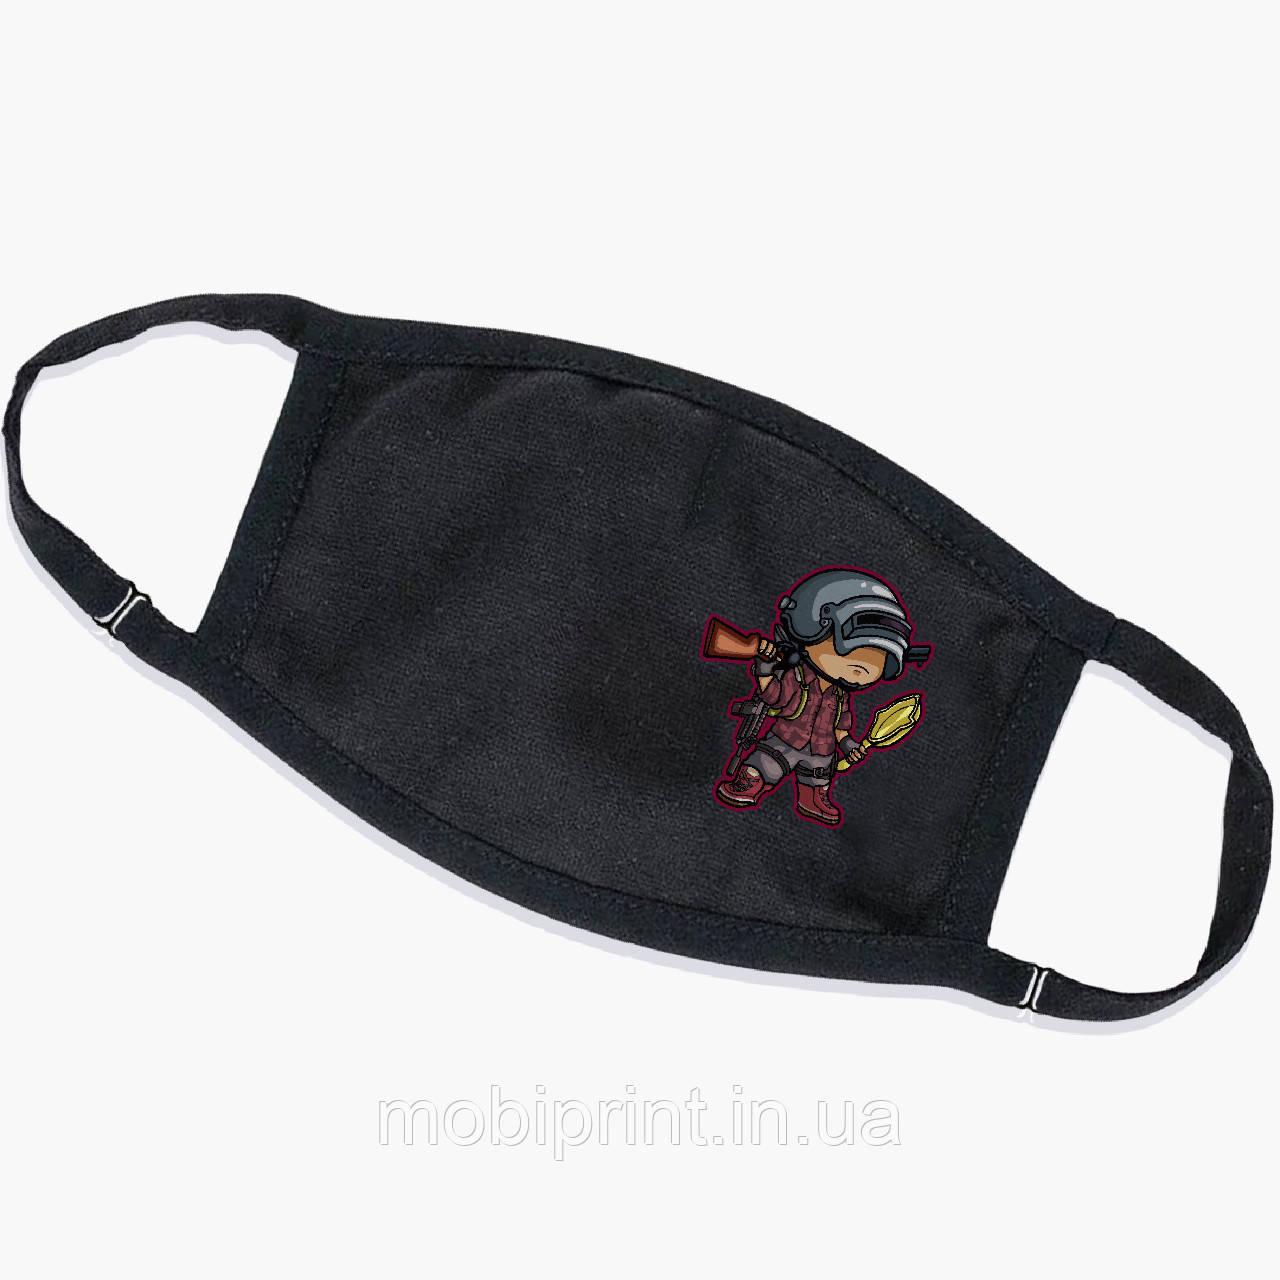 Многоразовая маска Пабг (Pubg) (9259-1710) тканевая для детей и взрослых защитная